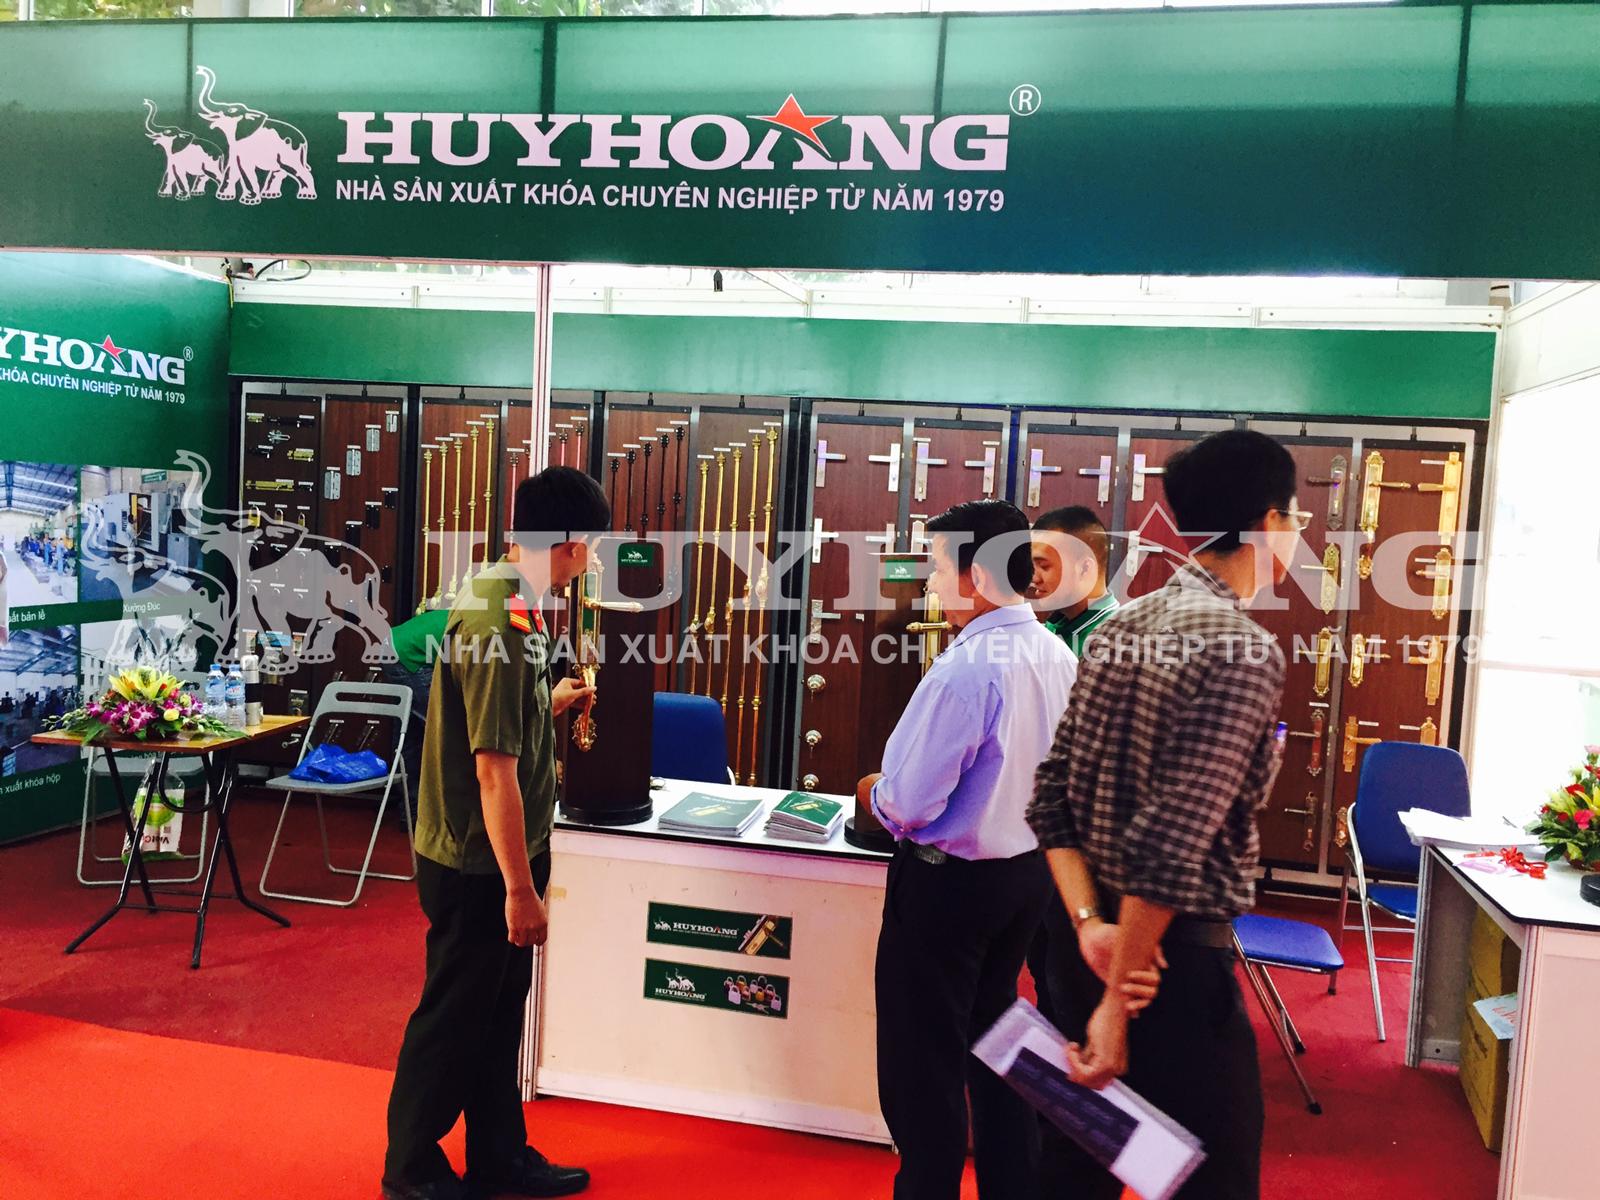 Khóa Huy Hoàng tham gia triển lãm quốc tế Vietbuild Cần Thơ 2015